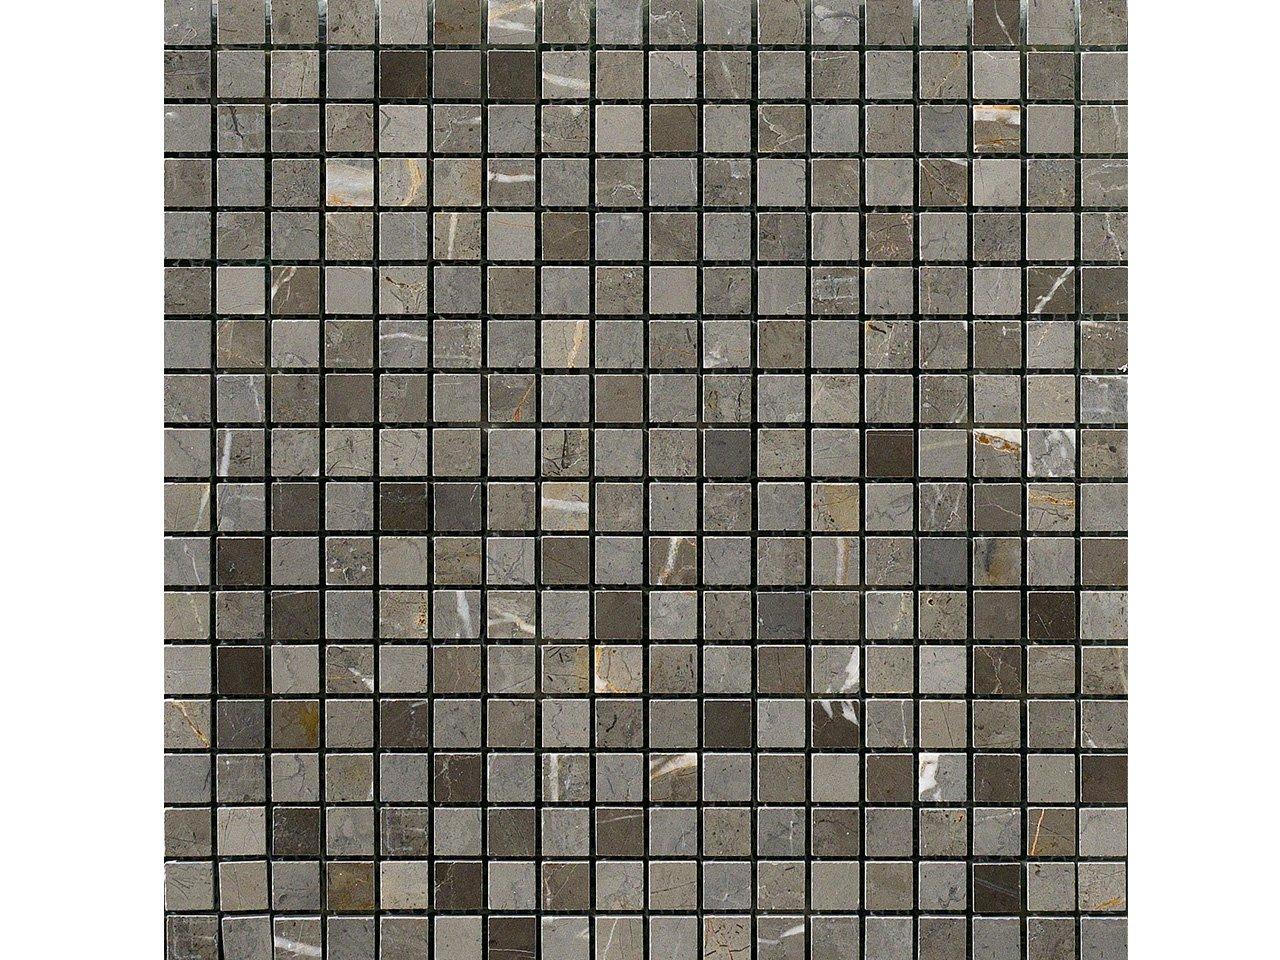 Mos persia grigio new 30 5x30 5 iperceramica for Piastrelle bagno mosaico grigio